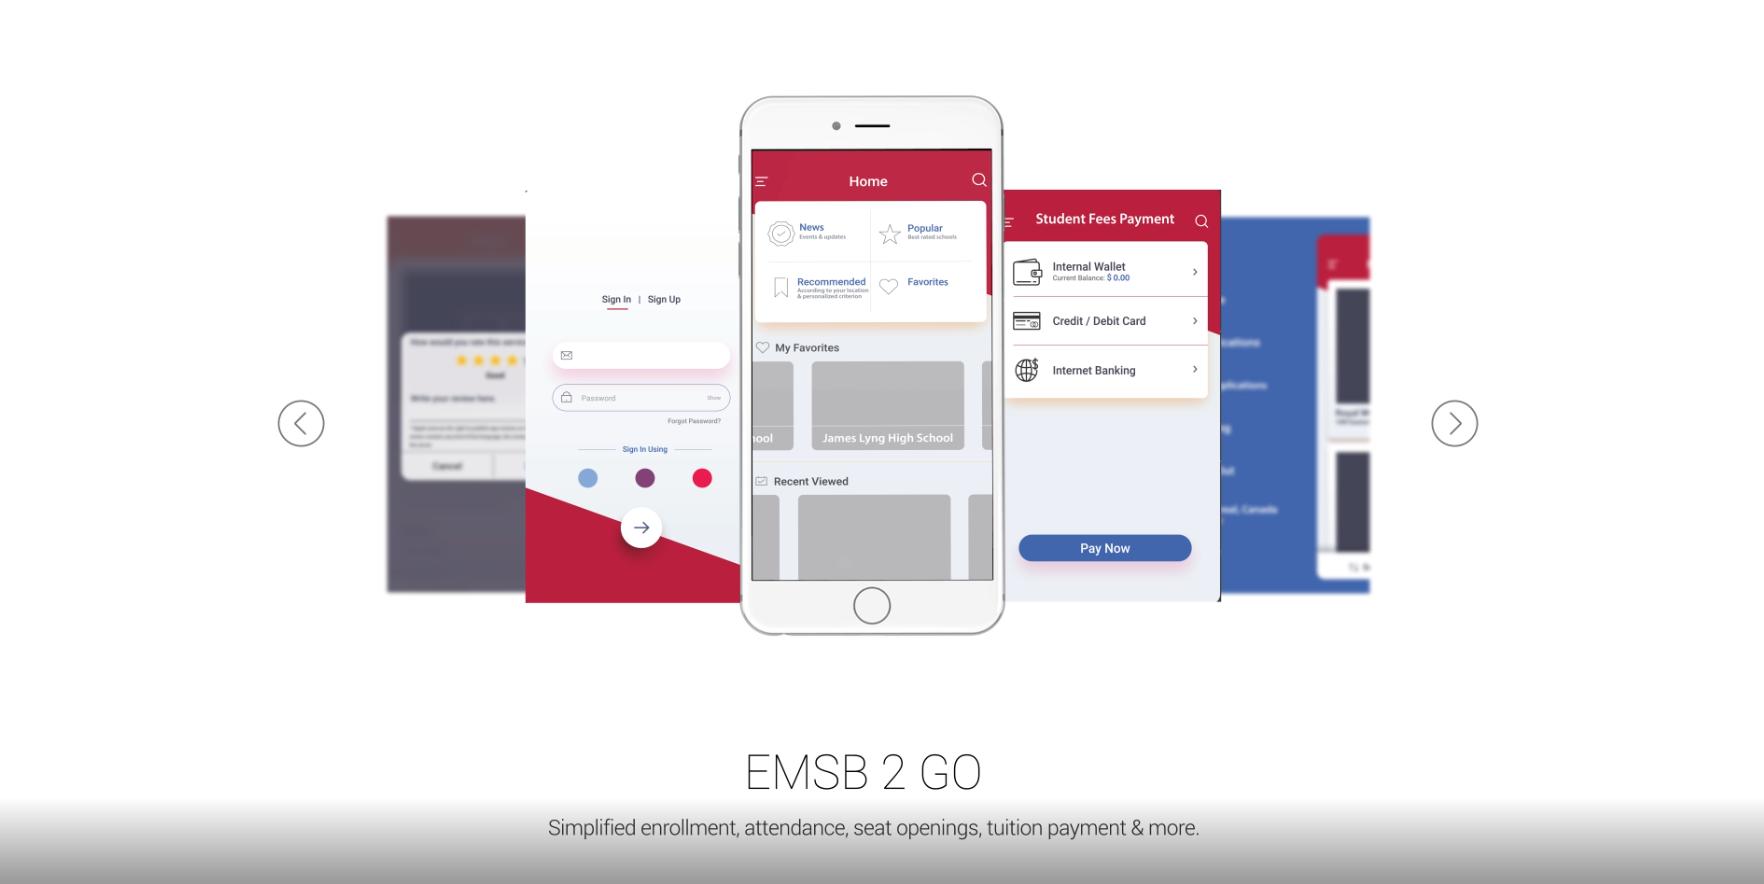 EMSB 2 GO - UI design & motion graphics